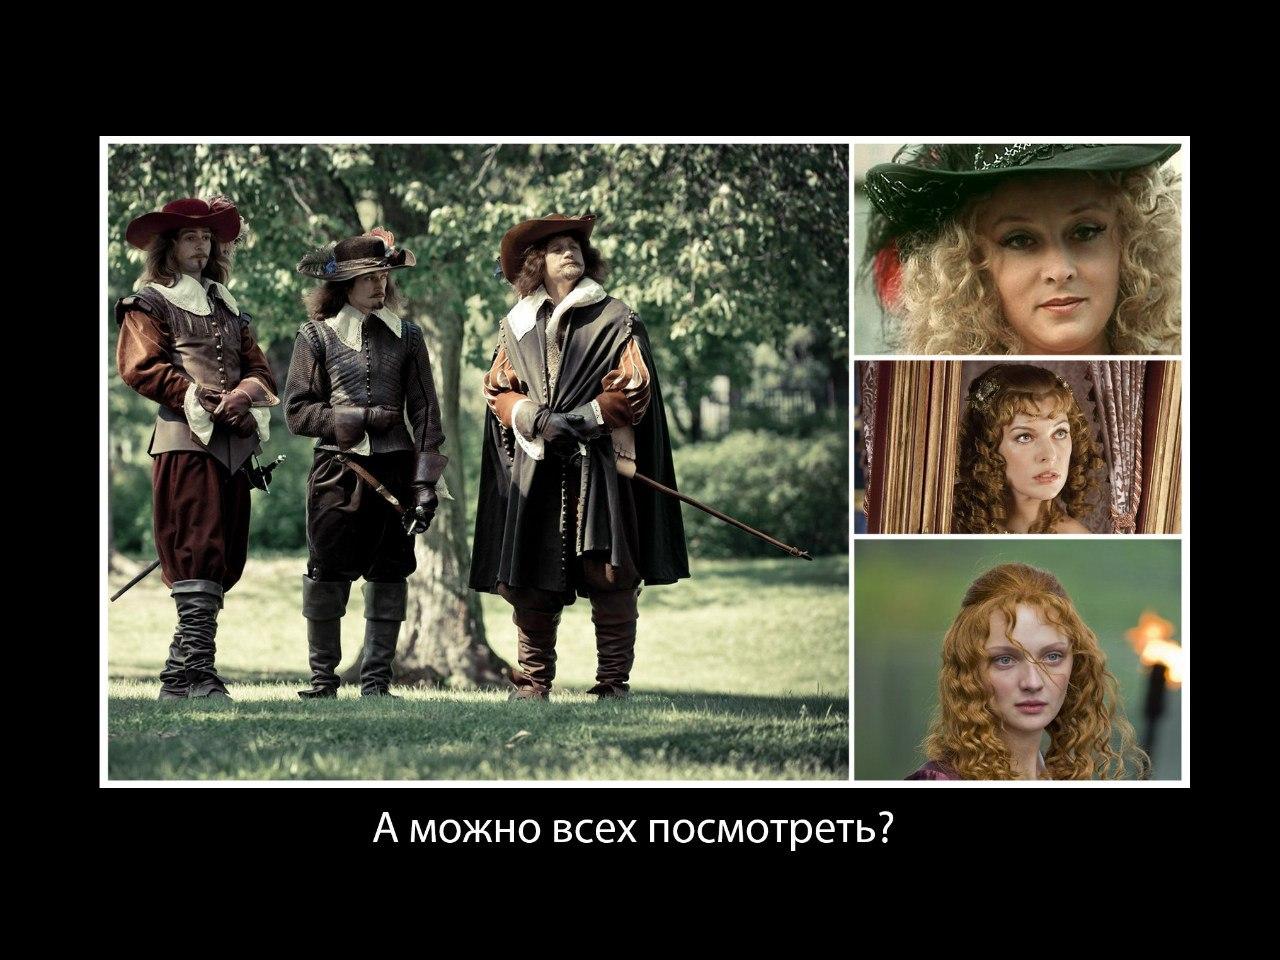 Три мушкетера порно версия 19 фотография